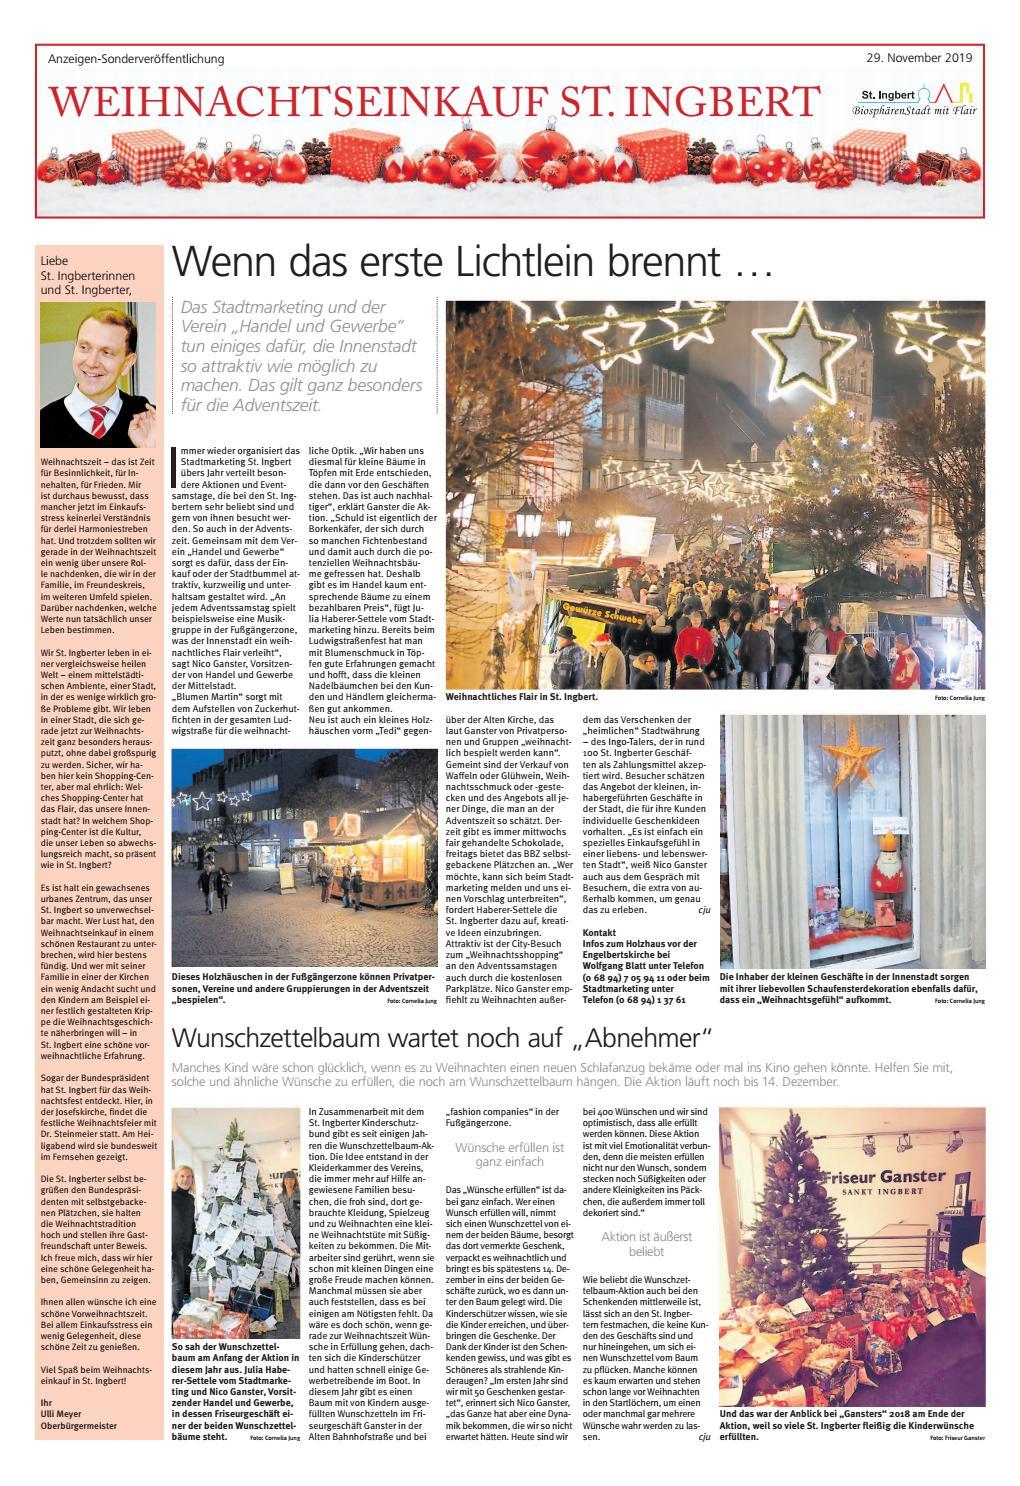 Weihnachtseinkauf St. Ingbert | 2019 by Saarbrücker